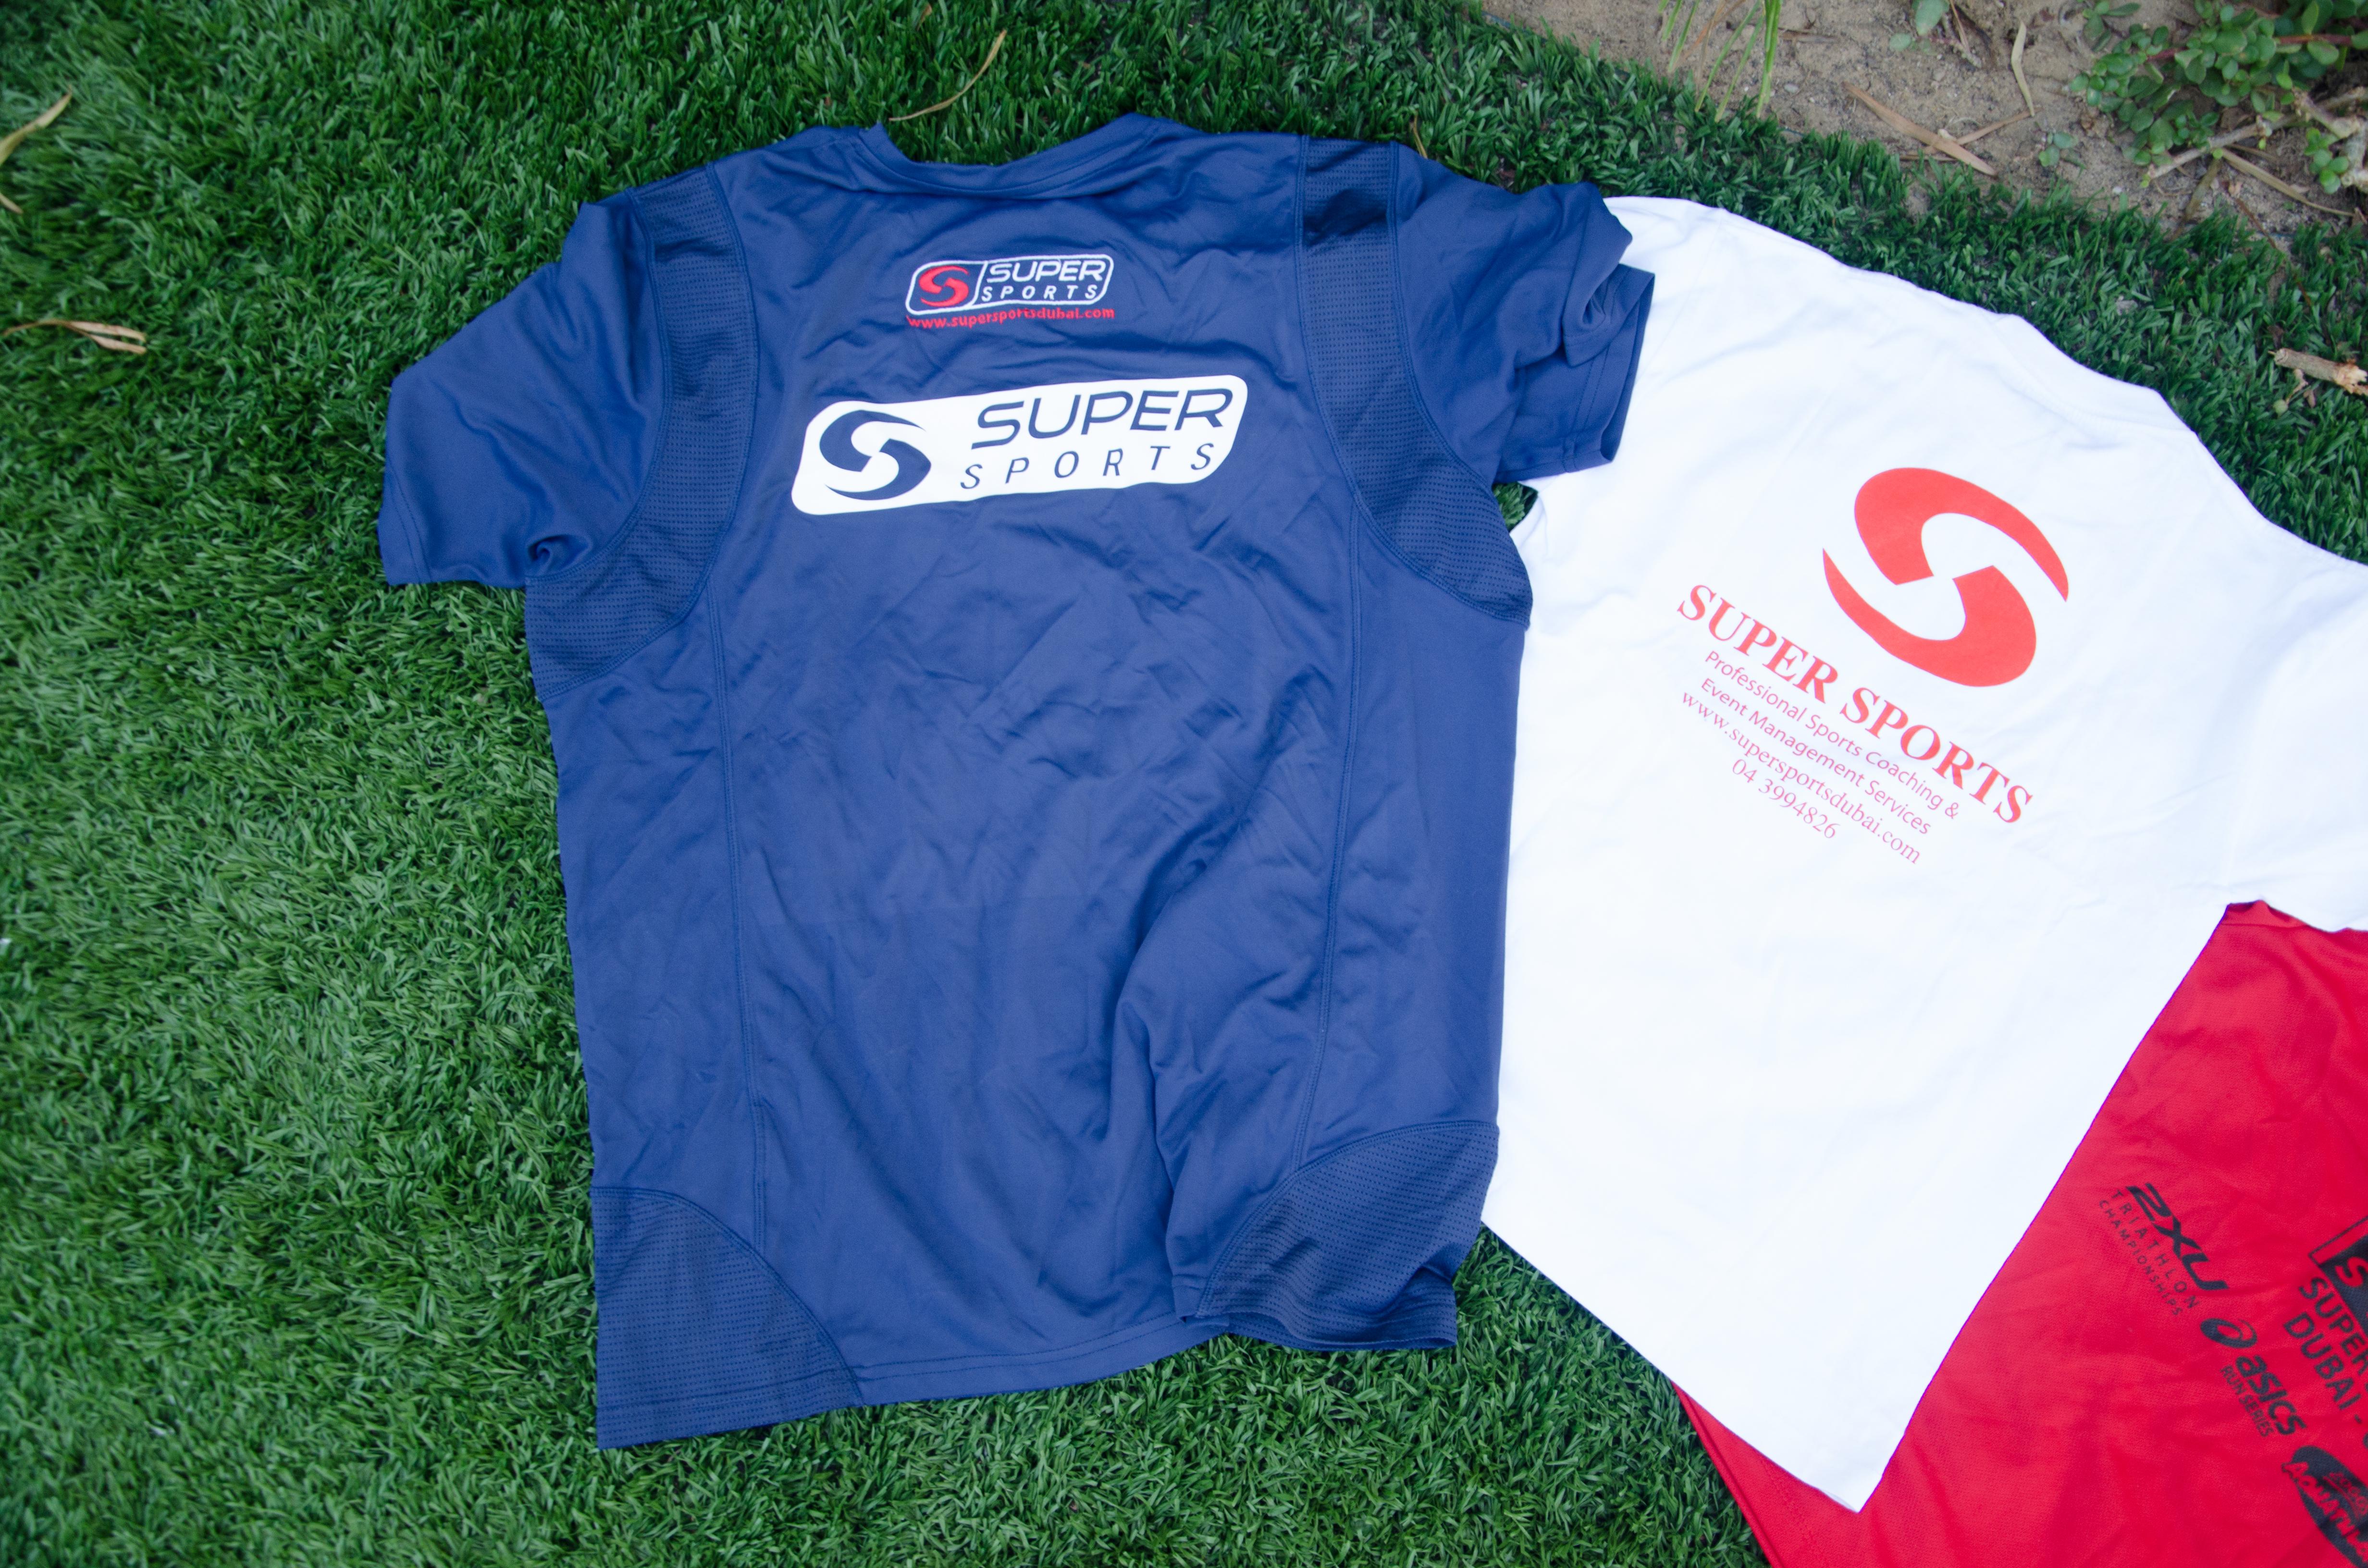 finishers Tshirt 1 race merchandise